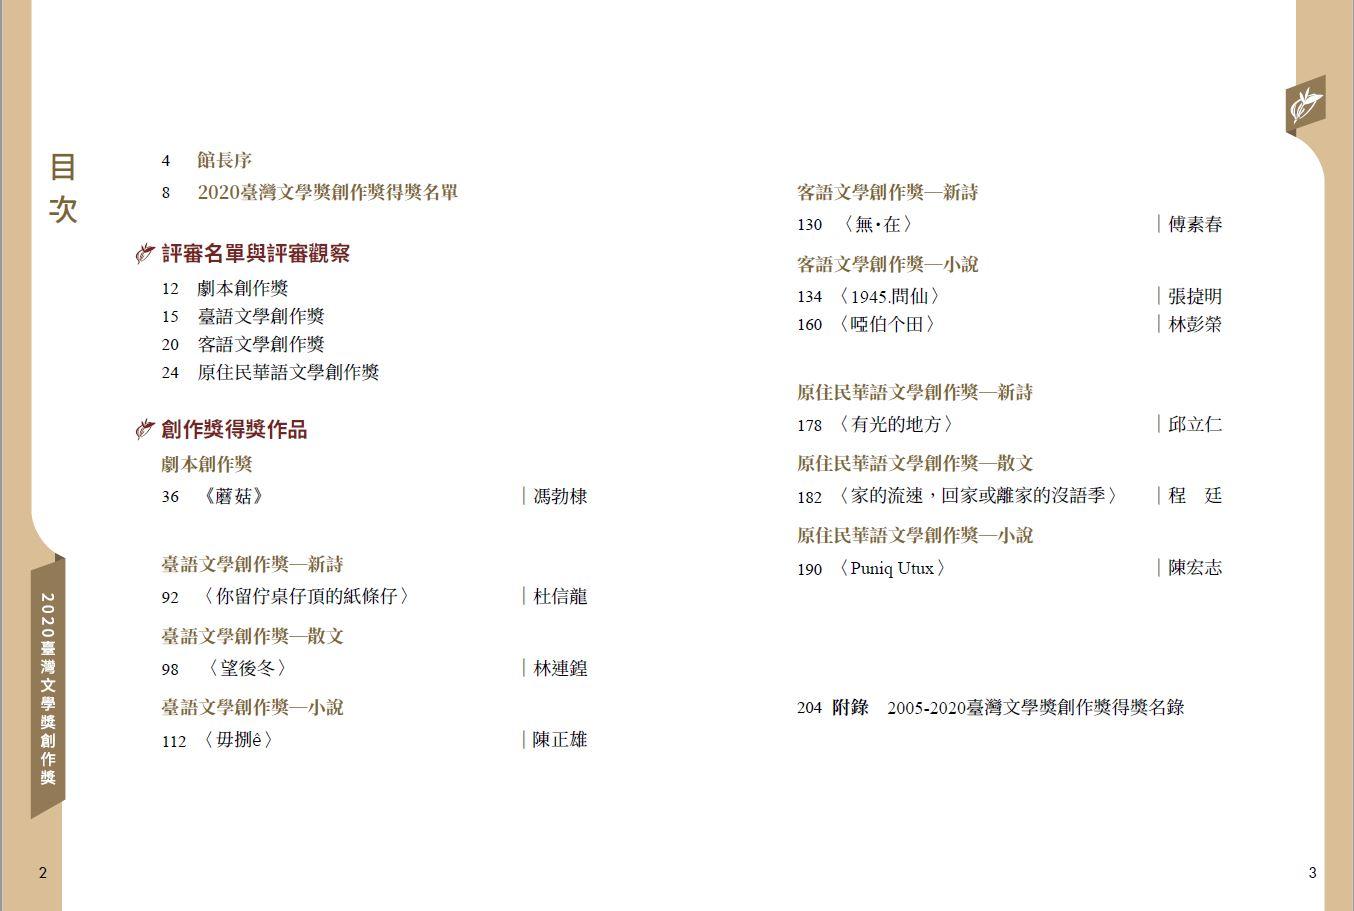 2020臺灣文學獎創作獎得獎作品集-目錄.JPG